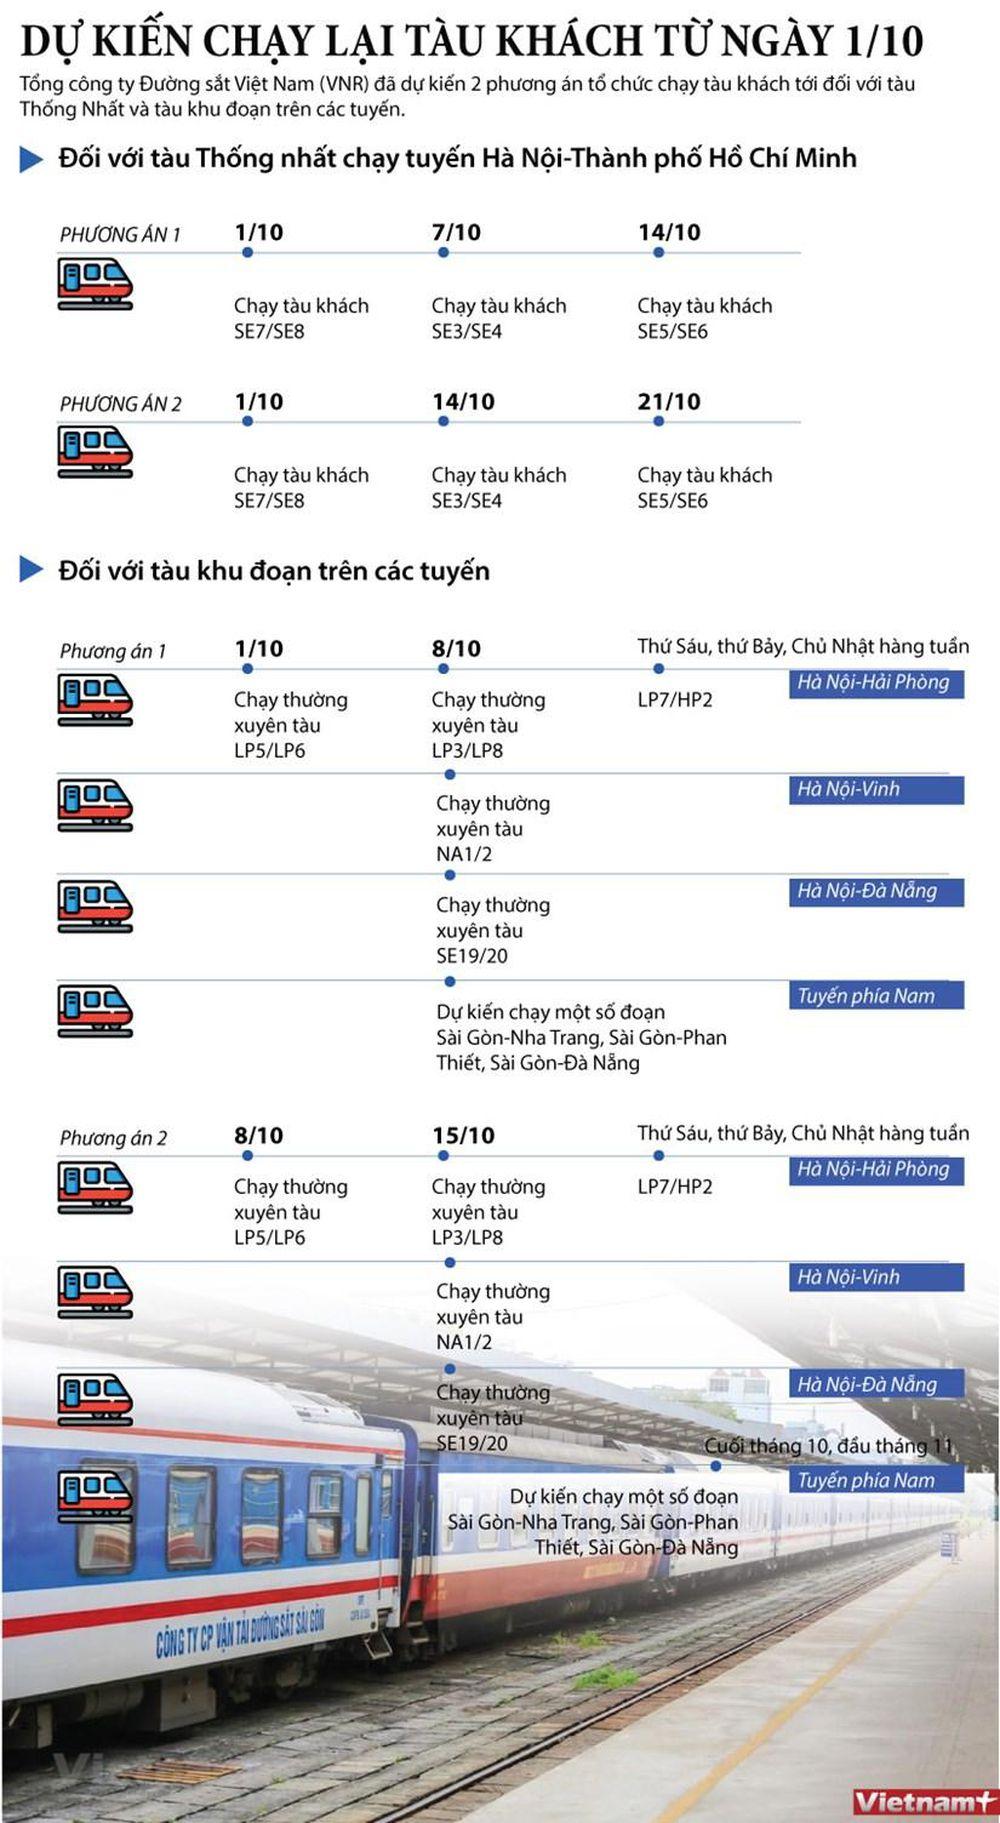 Dự kiến lịch chạy lại các tuyến tàu khách từ ngày 1/10